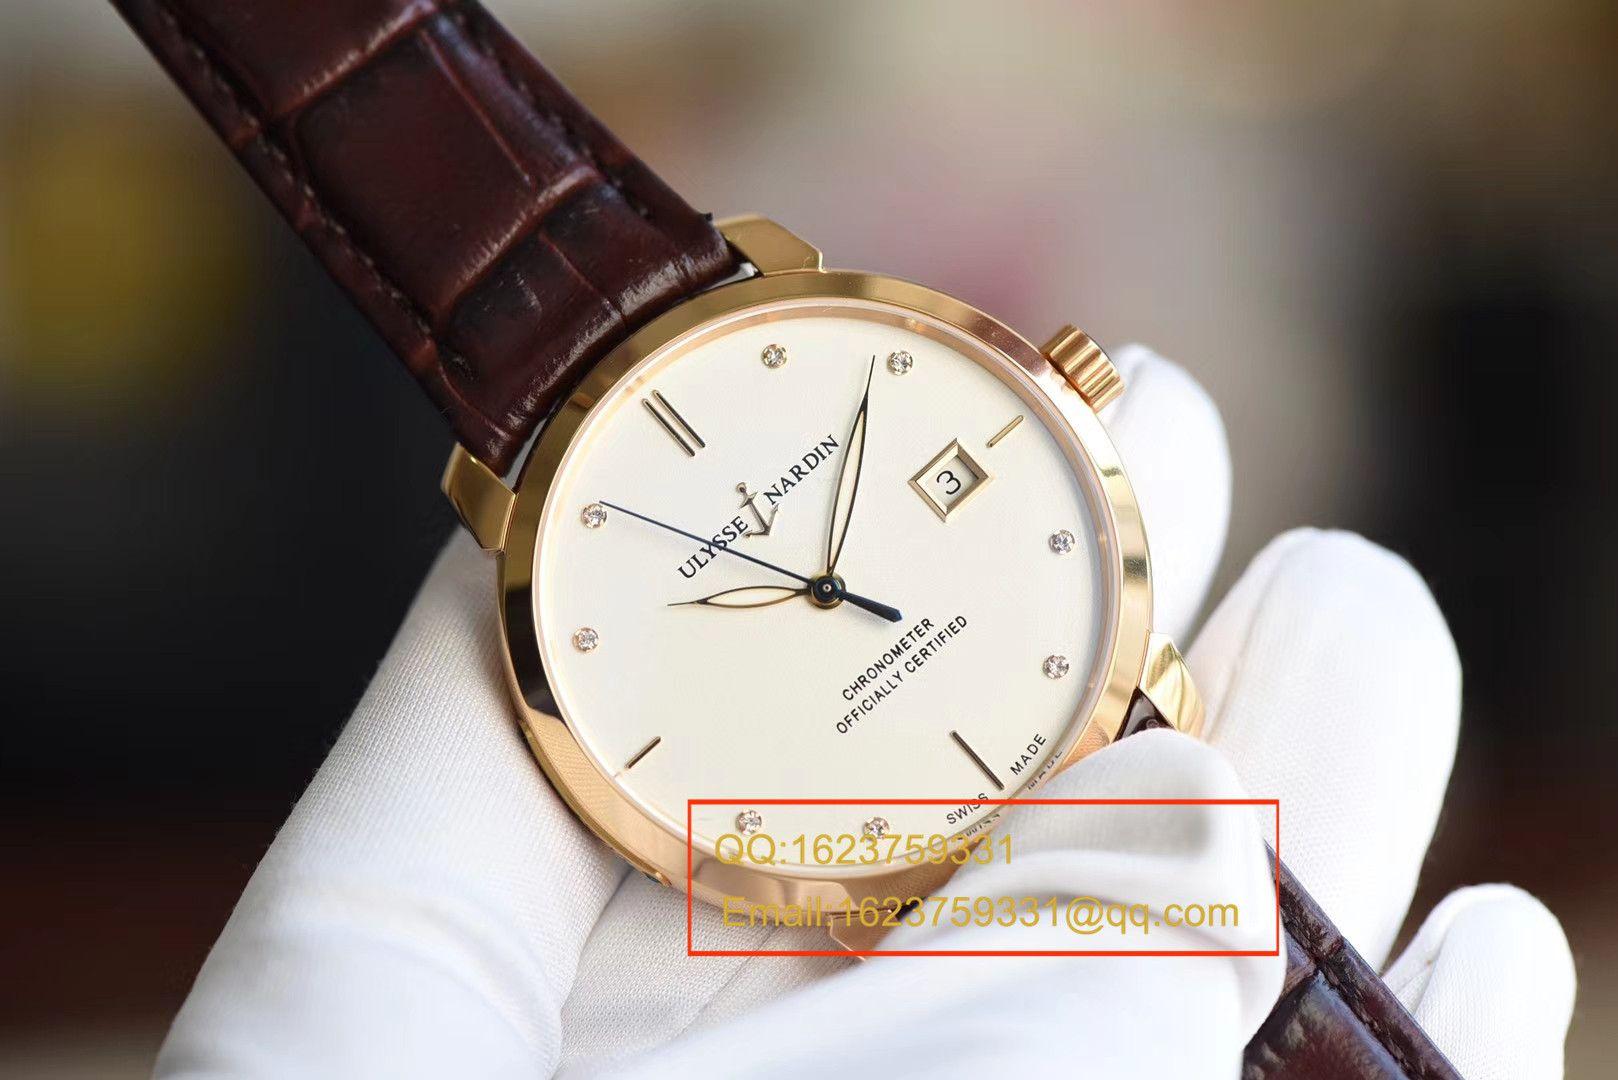 【视频评测FK一比一超A高仿手表】雅典鎏金系列8156-111b-2/991腕表 / YD008